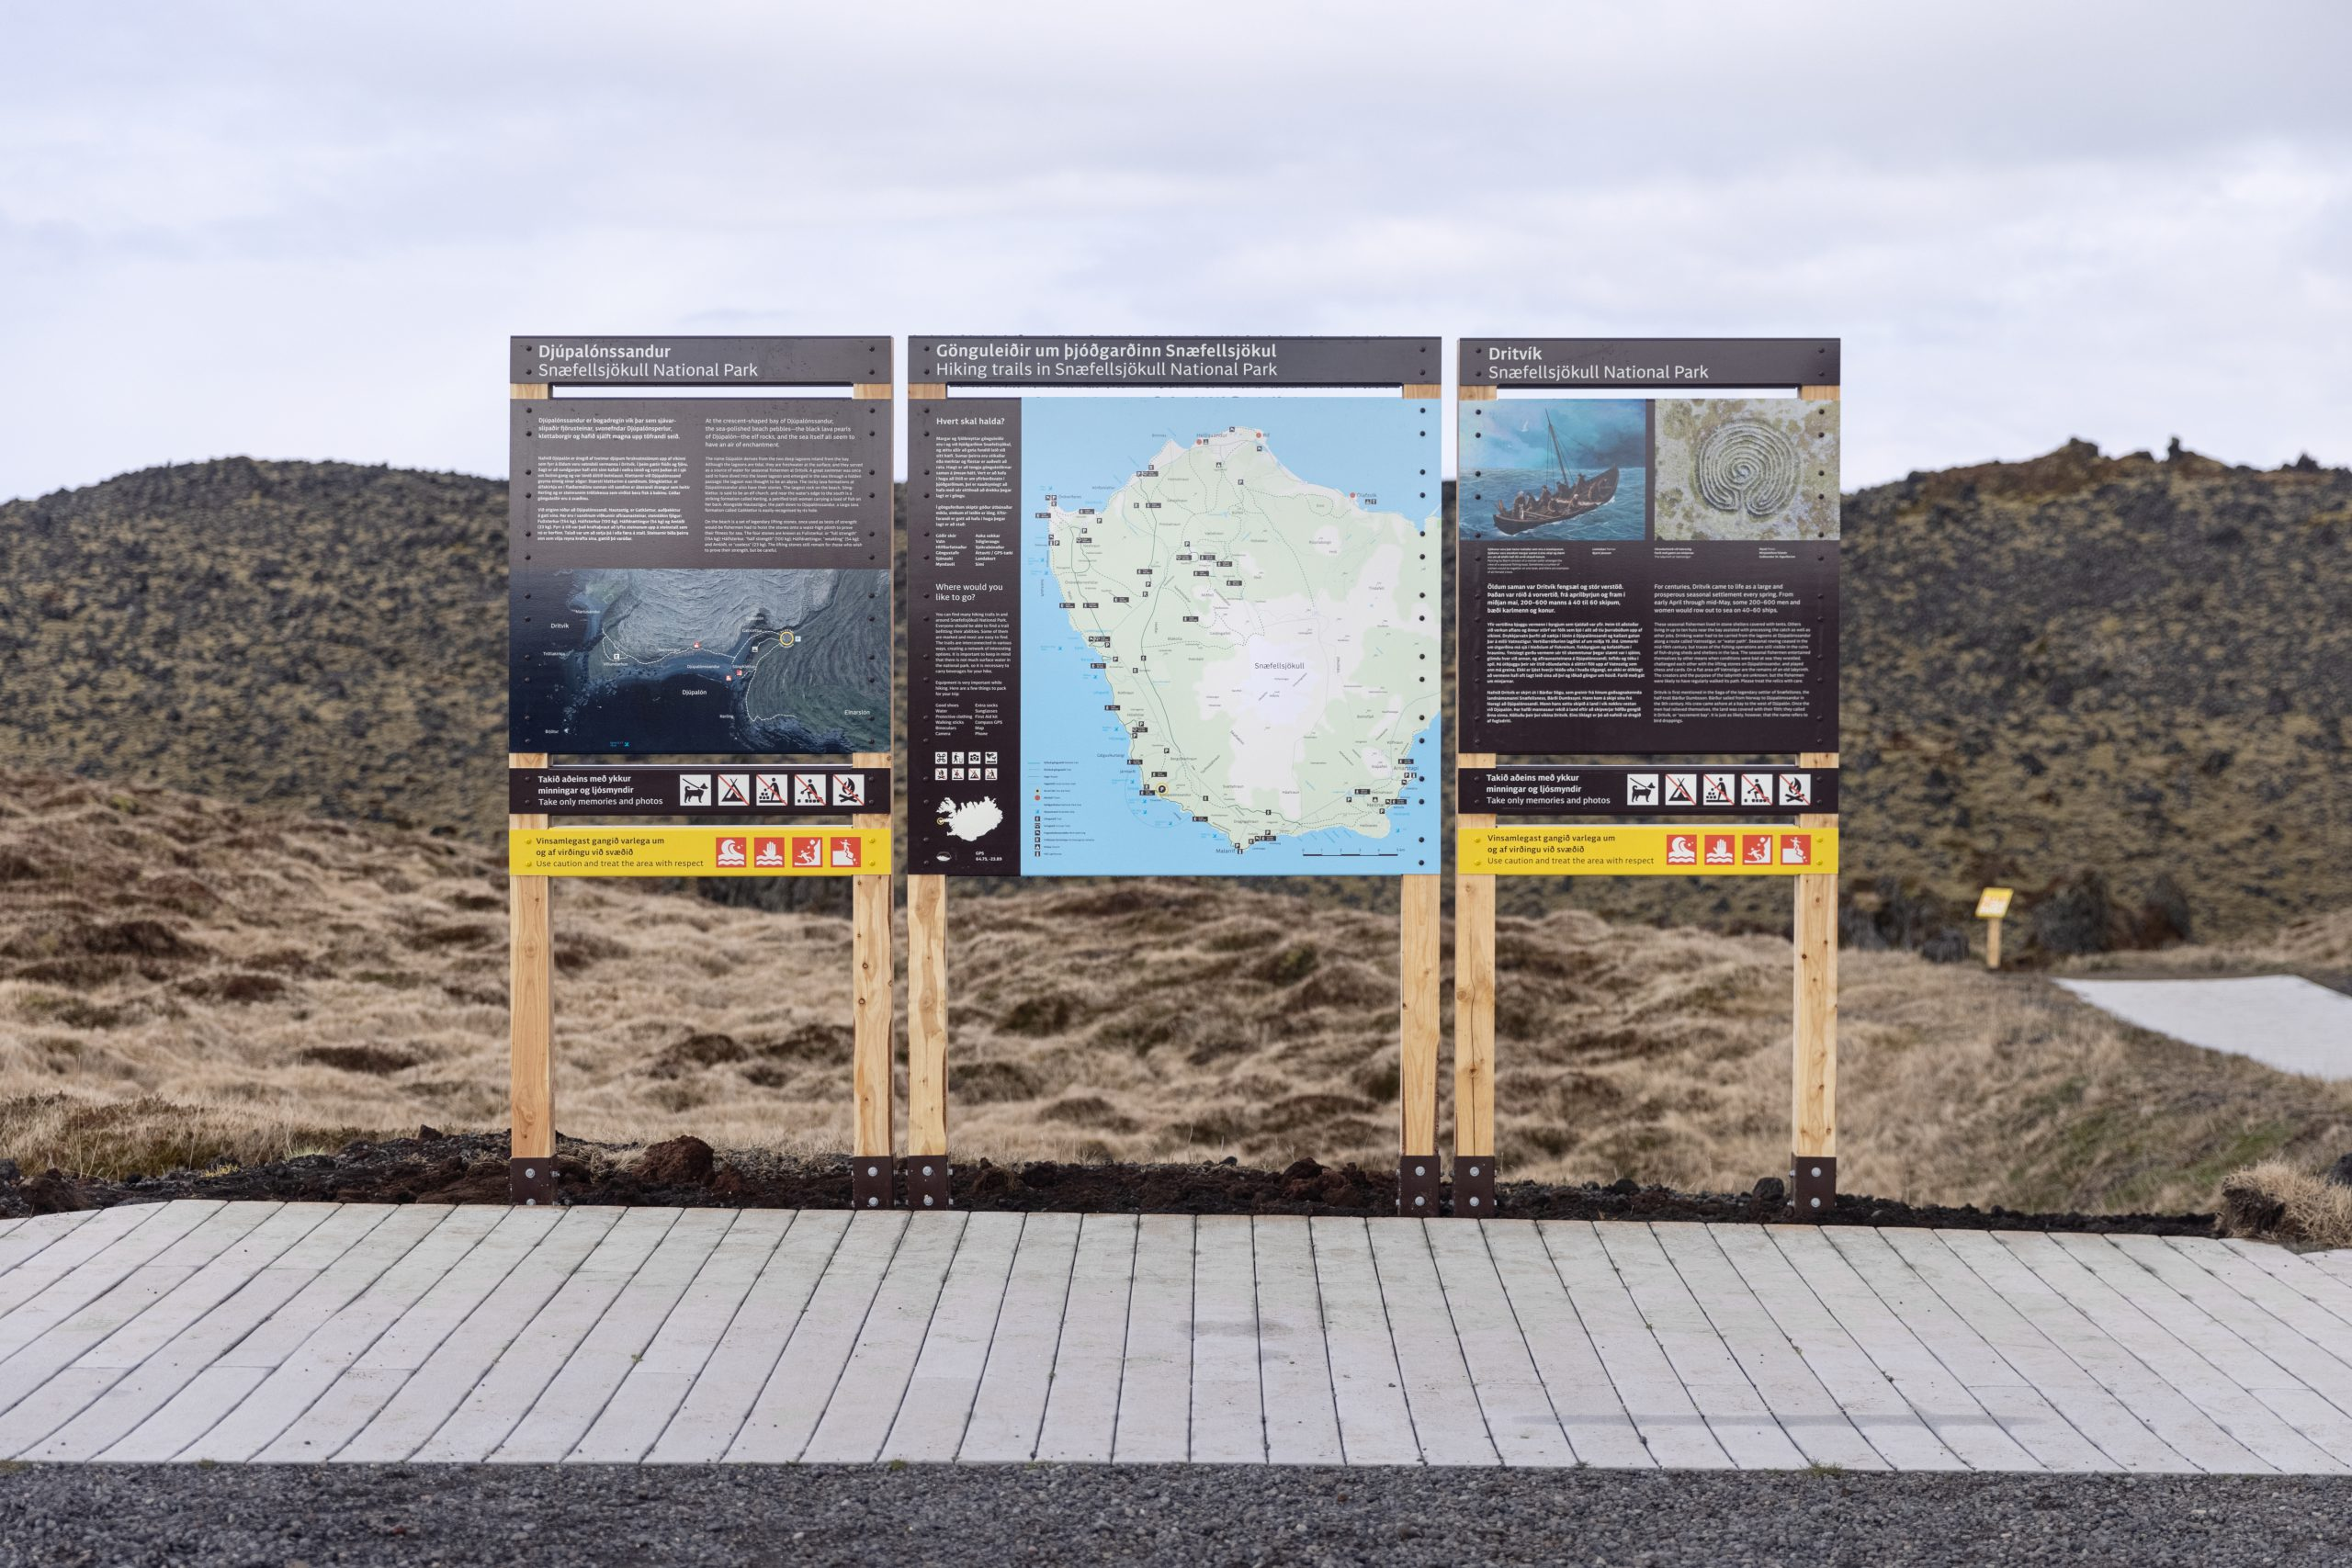 Þrjú almenn skilti, staðsett við Djúpalónssand.